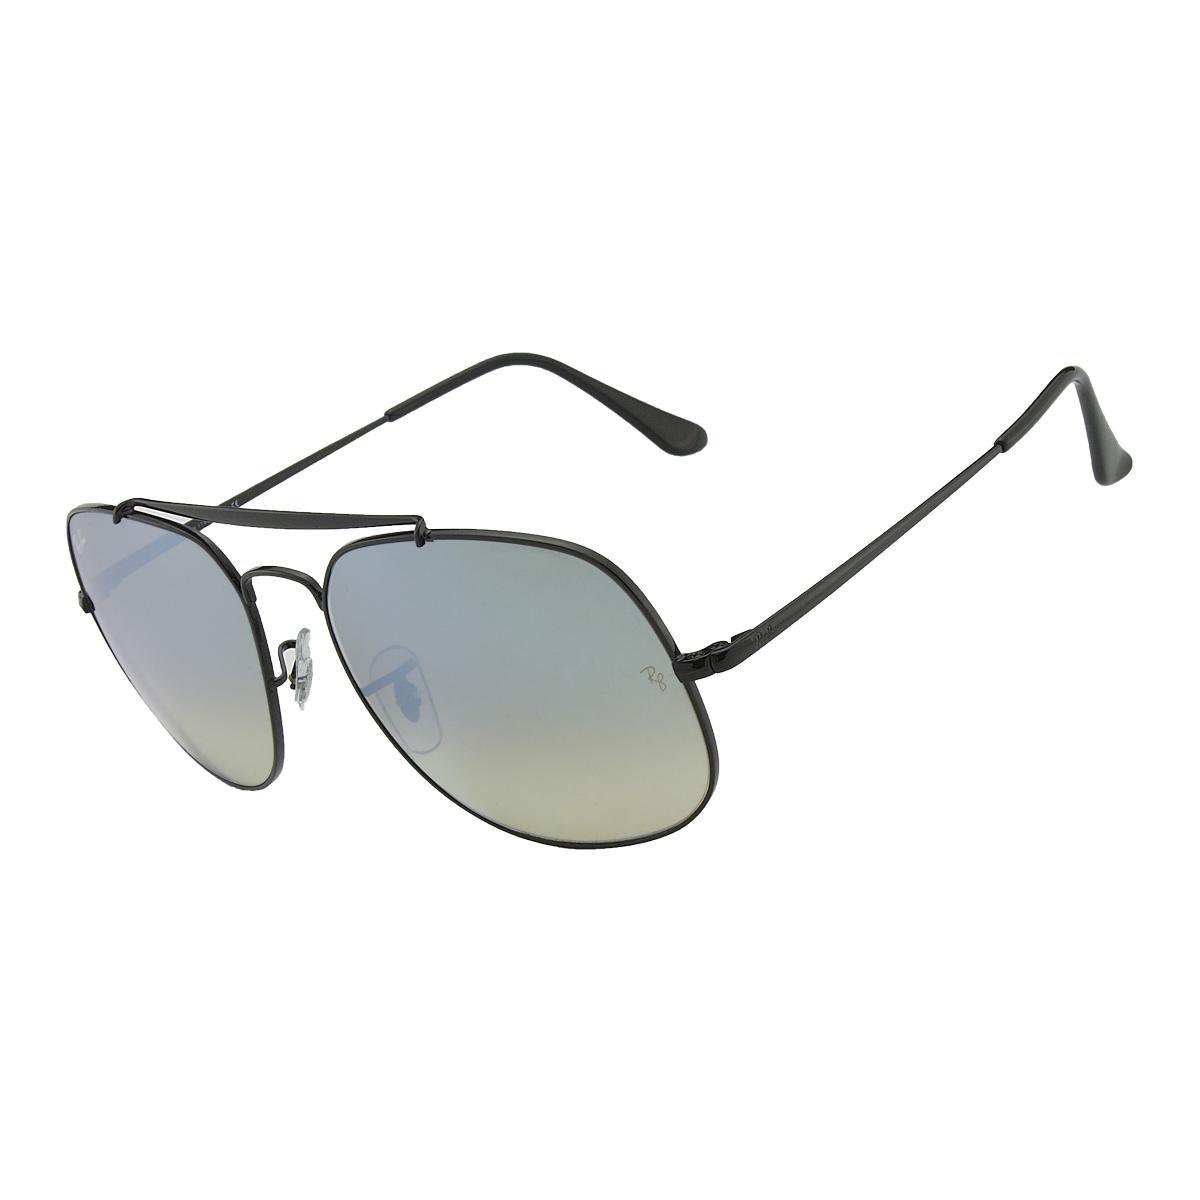 ... Óculos de Sol Ray-Ban The General RB3561 - Polarizado - 9107-52  ... 1ad876ebca